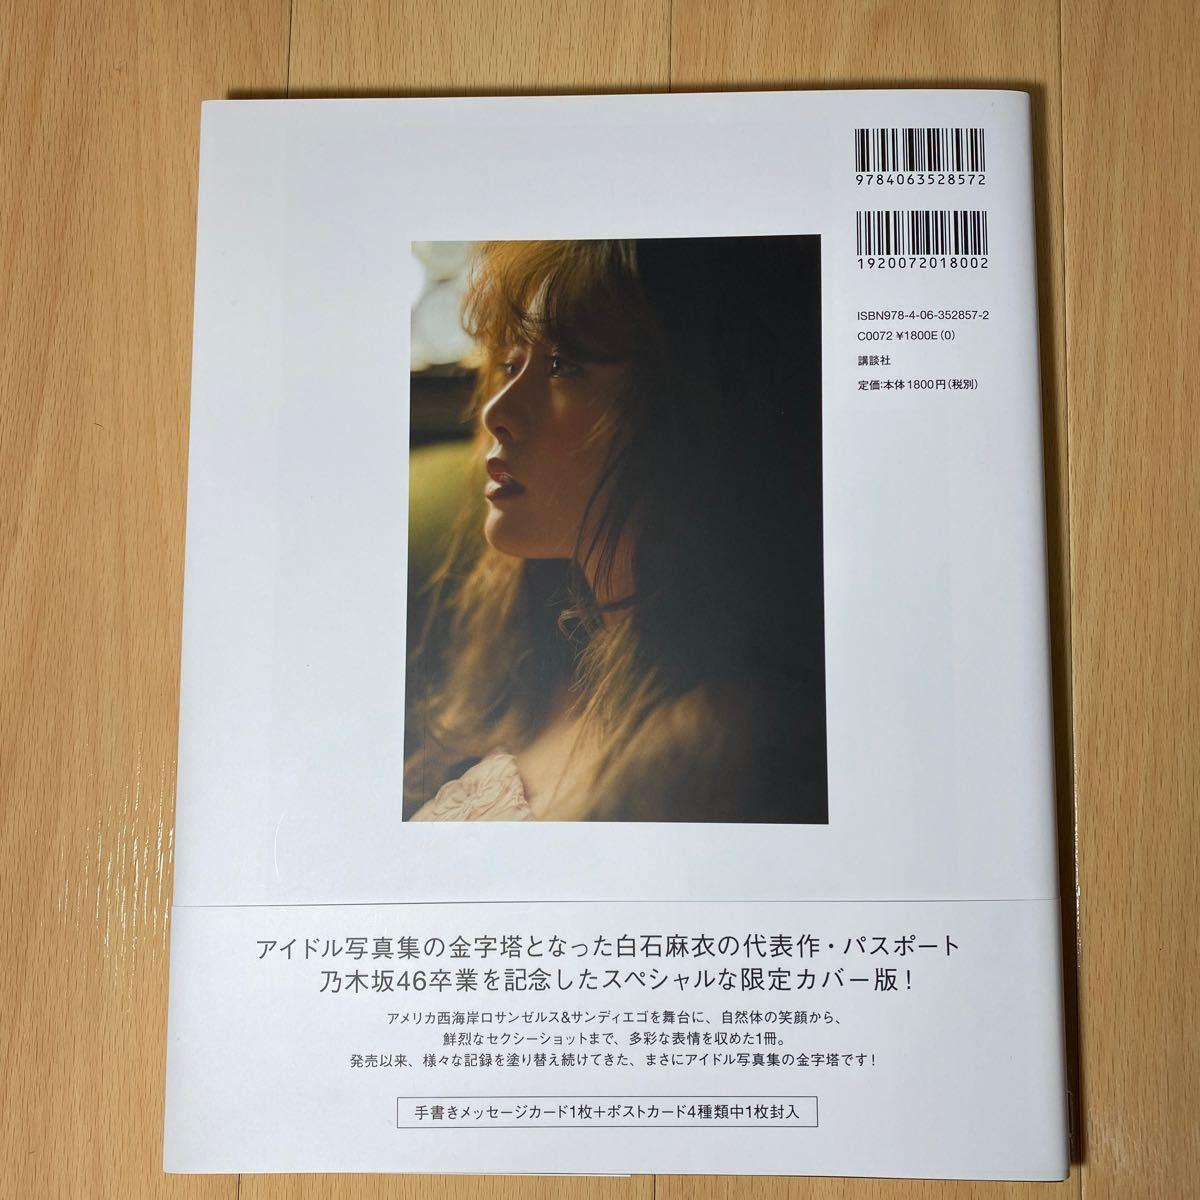 乃木坂46卒業記念 限定カバー版 白石麻衣 写真集 ポストカード2枚 手書きメッセージカードつき _画像3